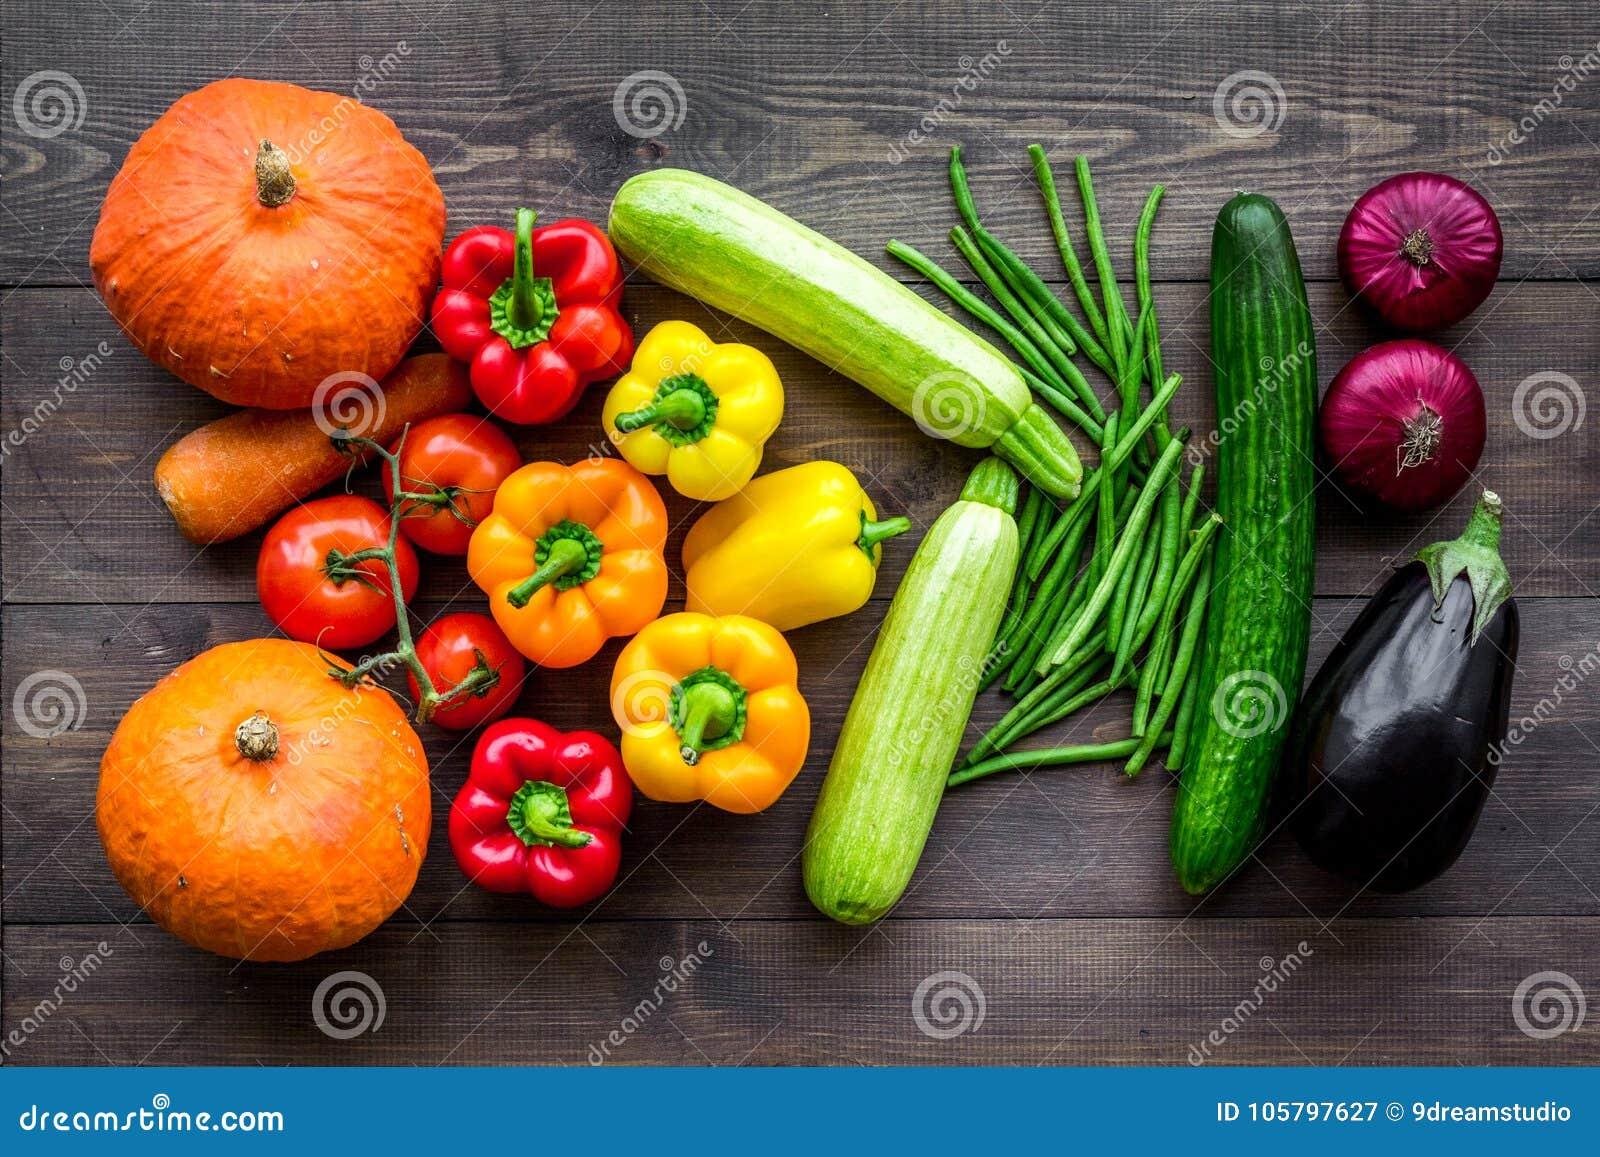 Grunden av sunt bantar Grönsaker pumpa, paprika, tomater, morot, zucchini, aubergine på mörk träbakgrundsöverkant